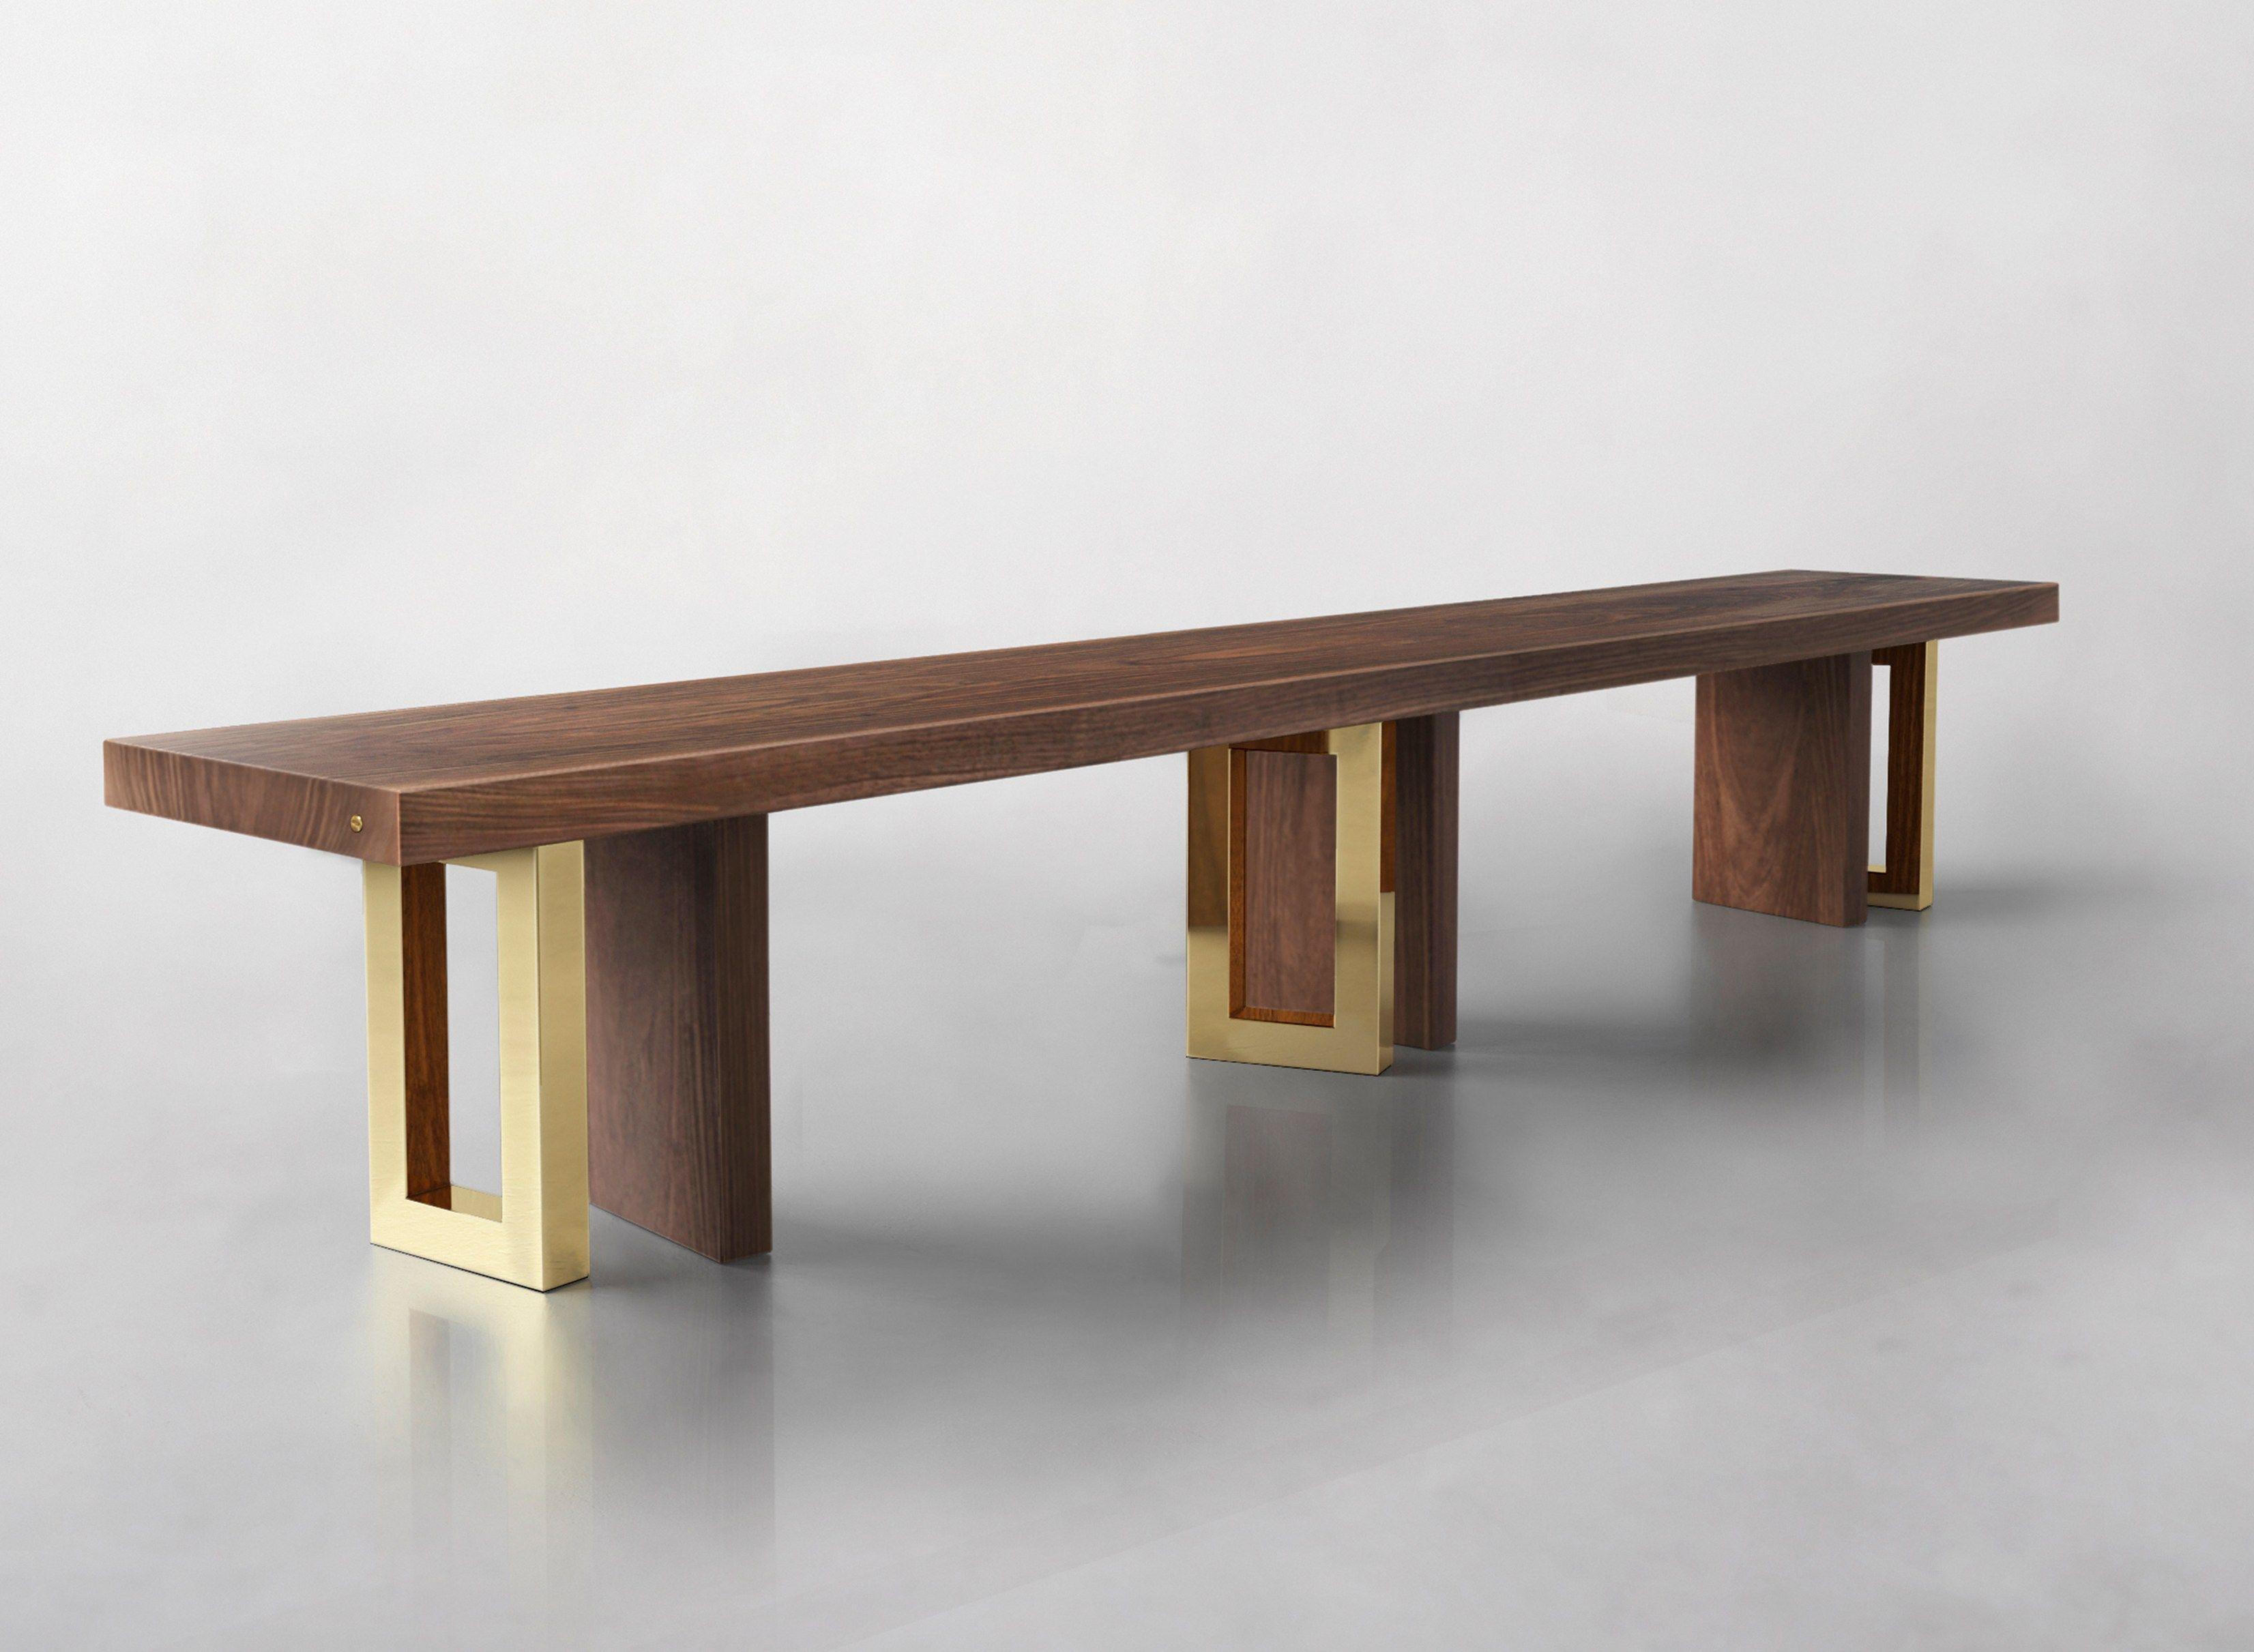 Il pezzo mancante, mobili contenitori, lampadari, sedute e tavoli ...